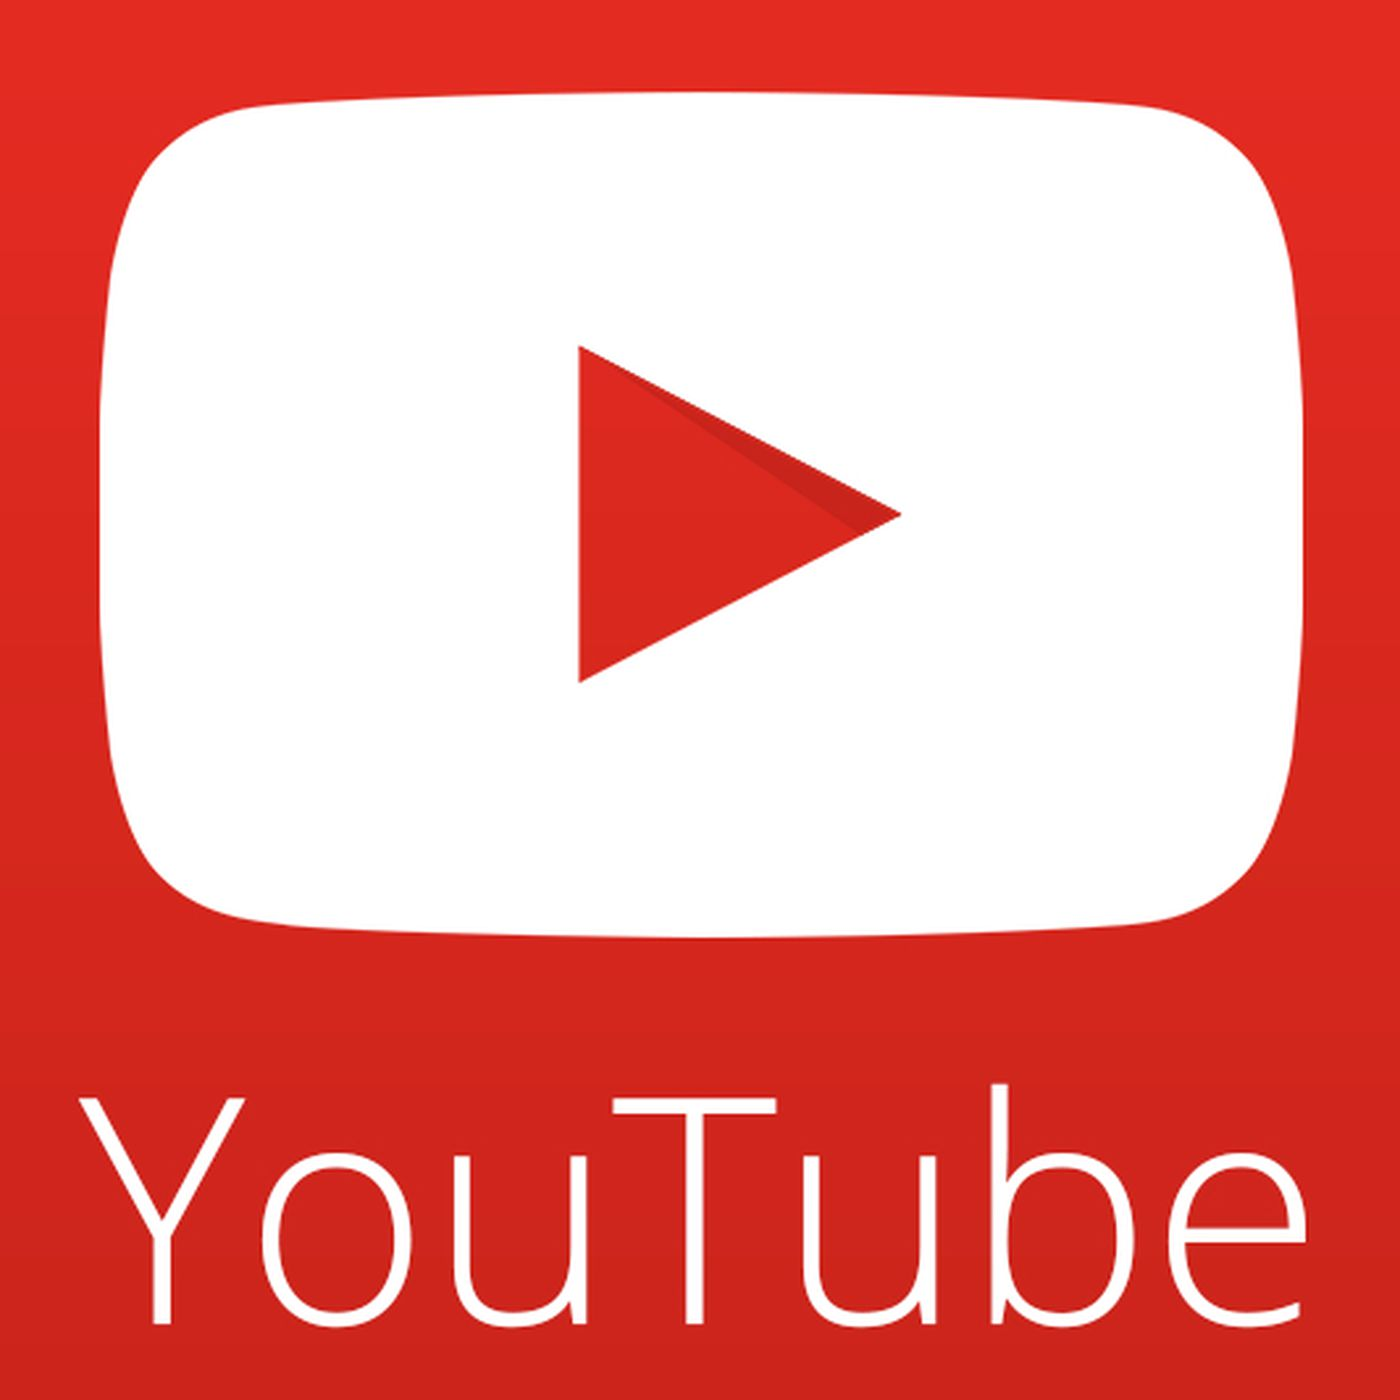 new_youtube_logo.jpg